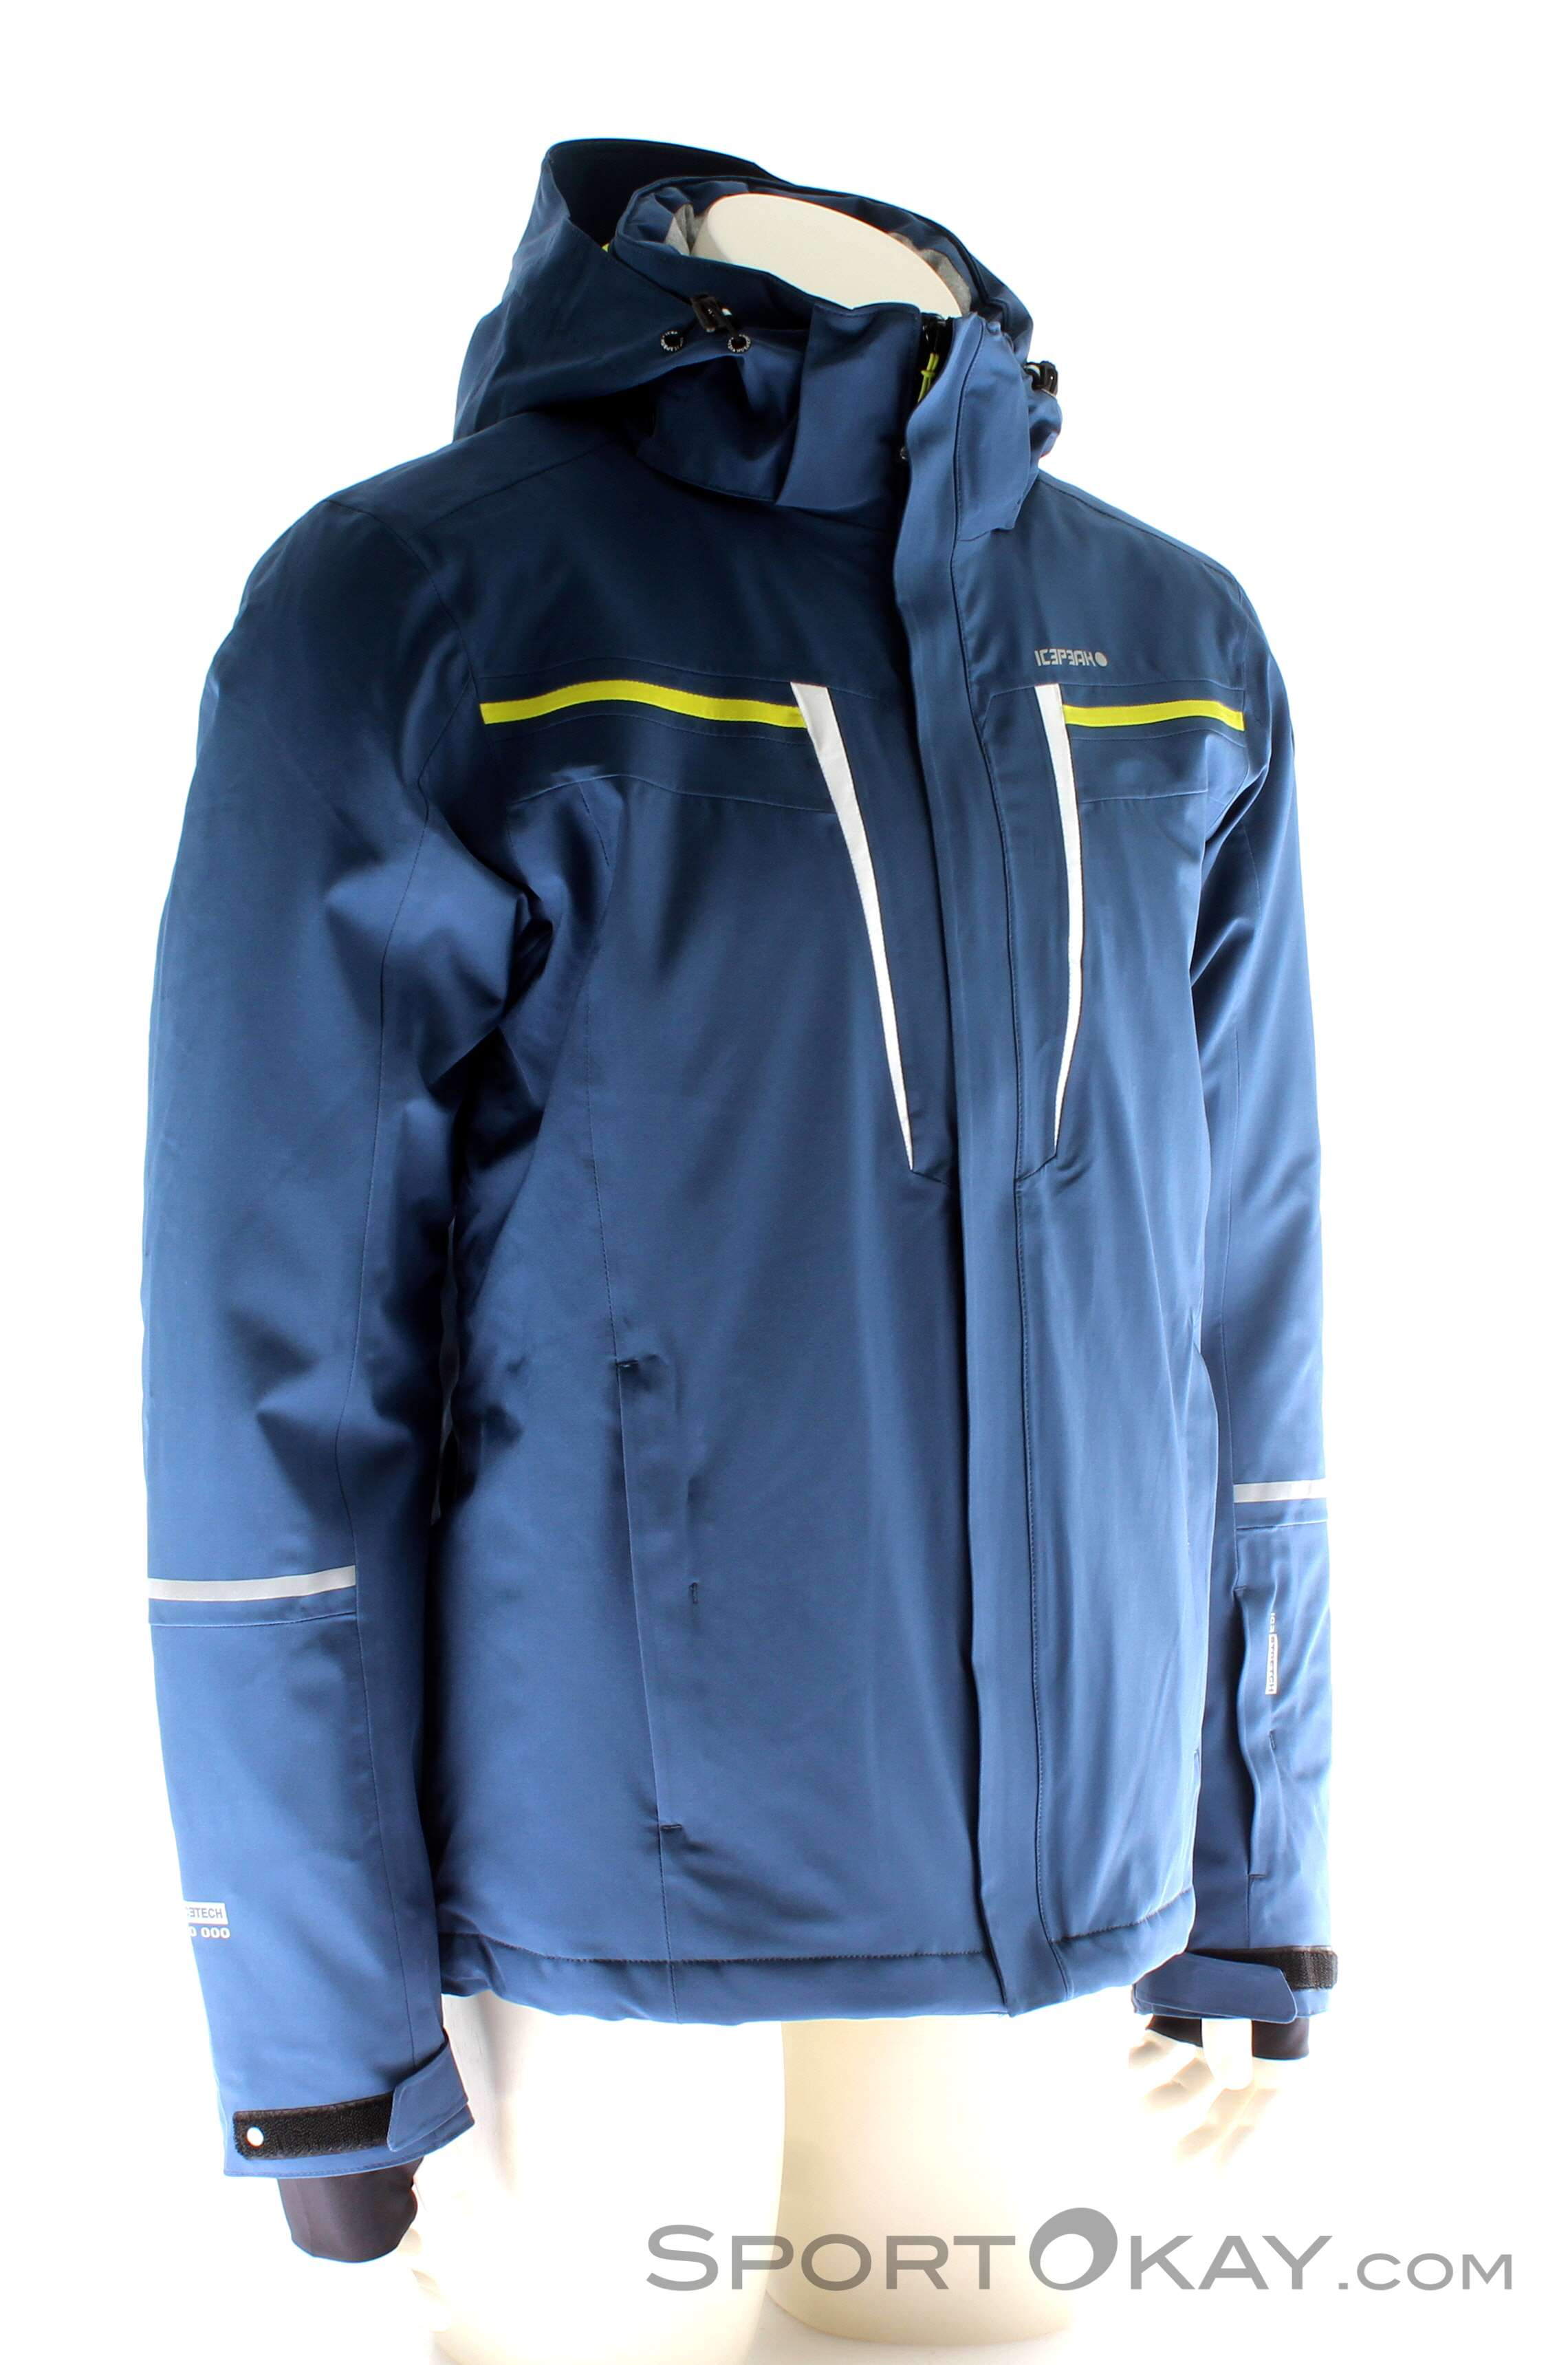 Abbigliamento Rwtcqr Giacca Sci Giacche Nemo Icepeak Da Uomo 4Lq35cSARj